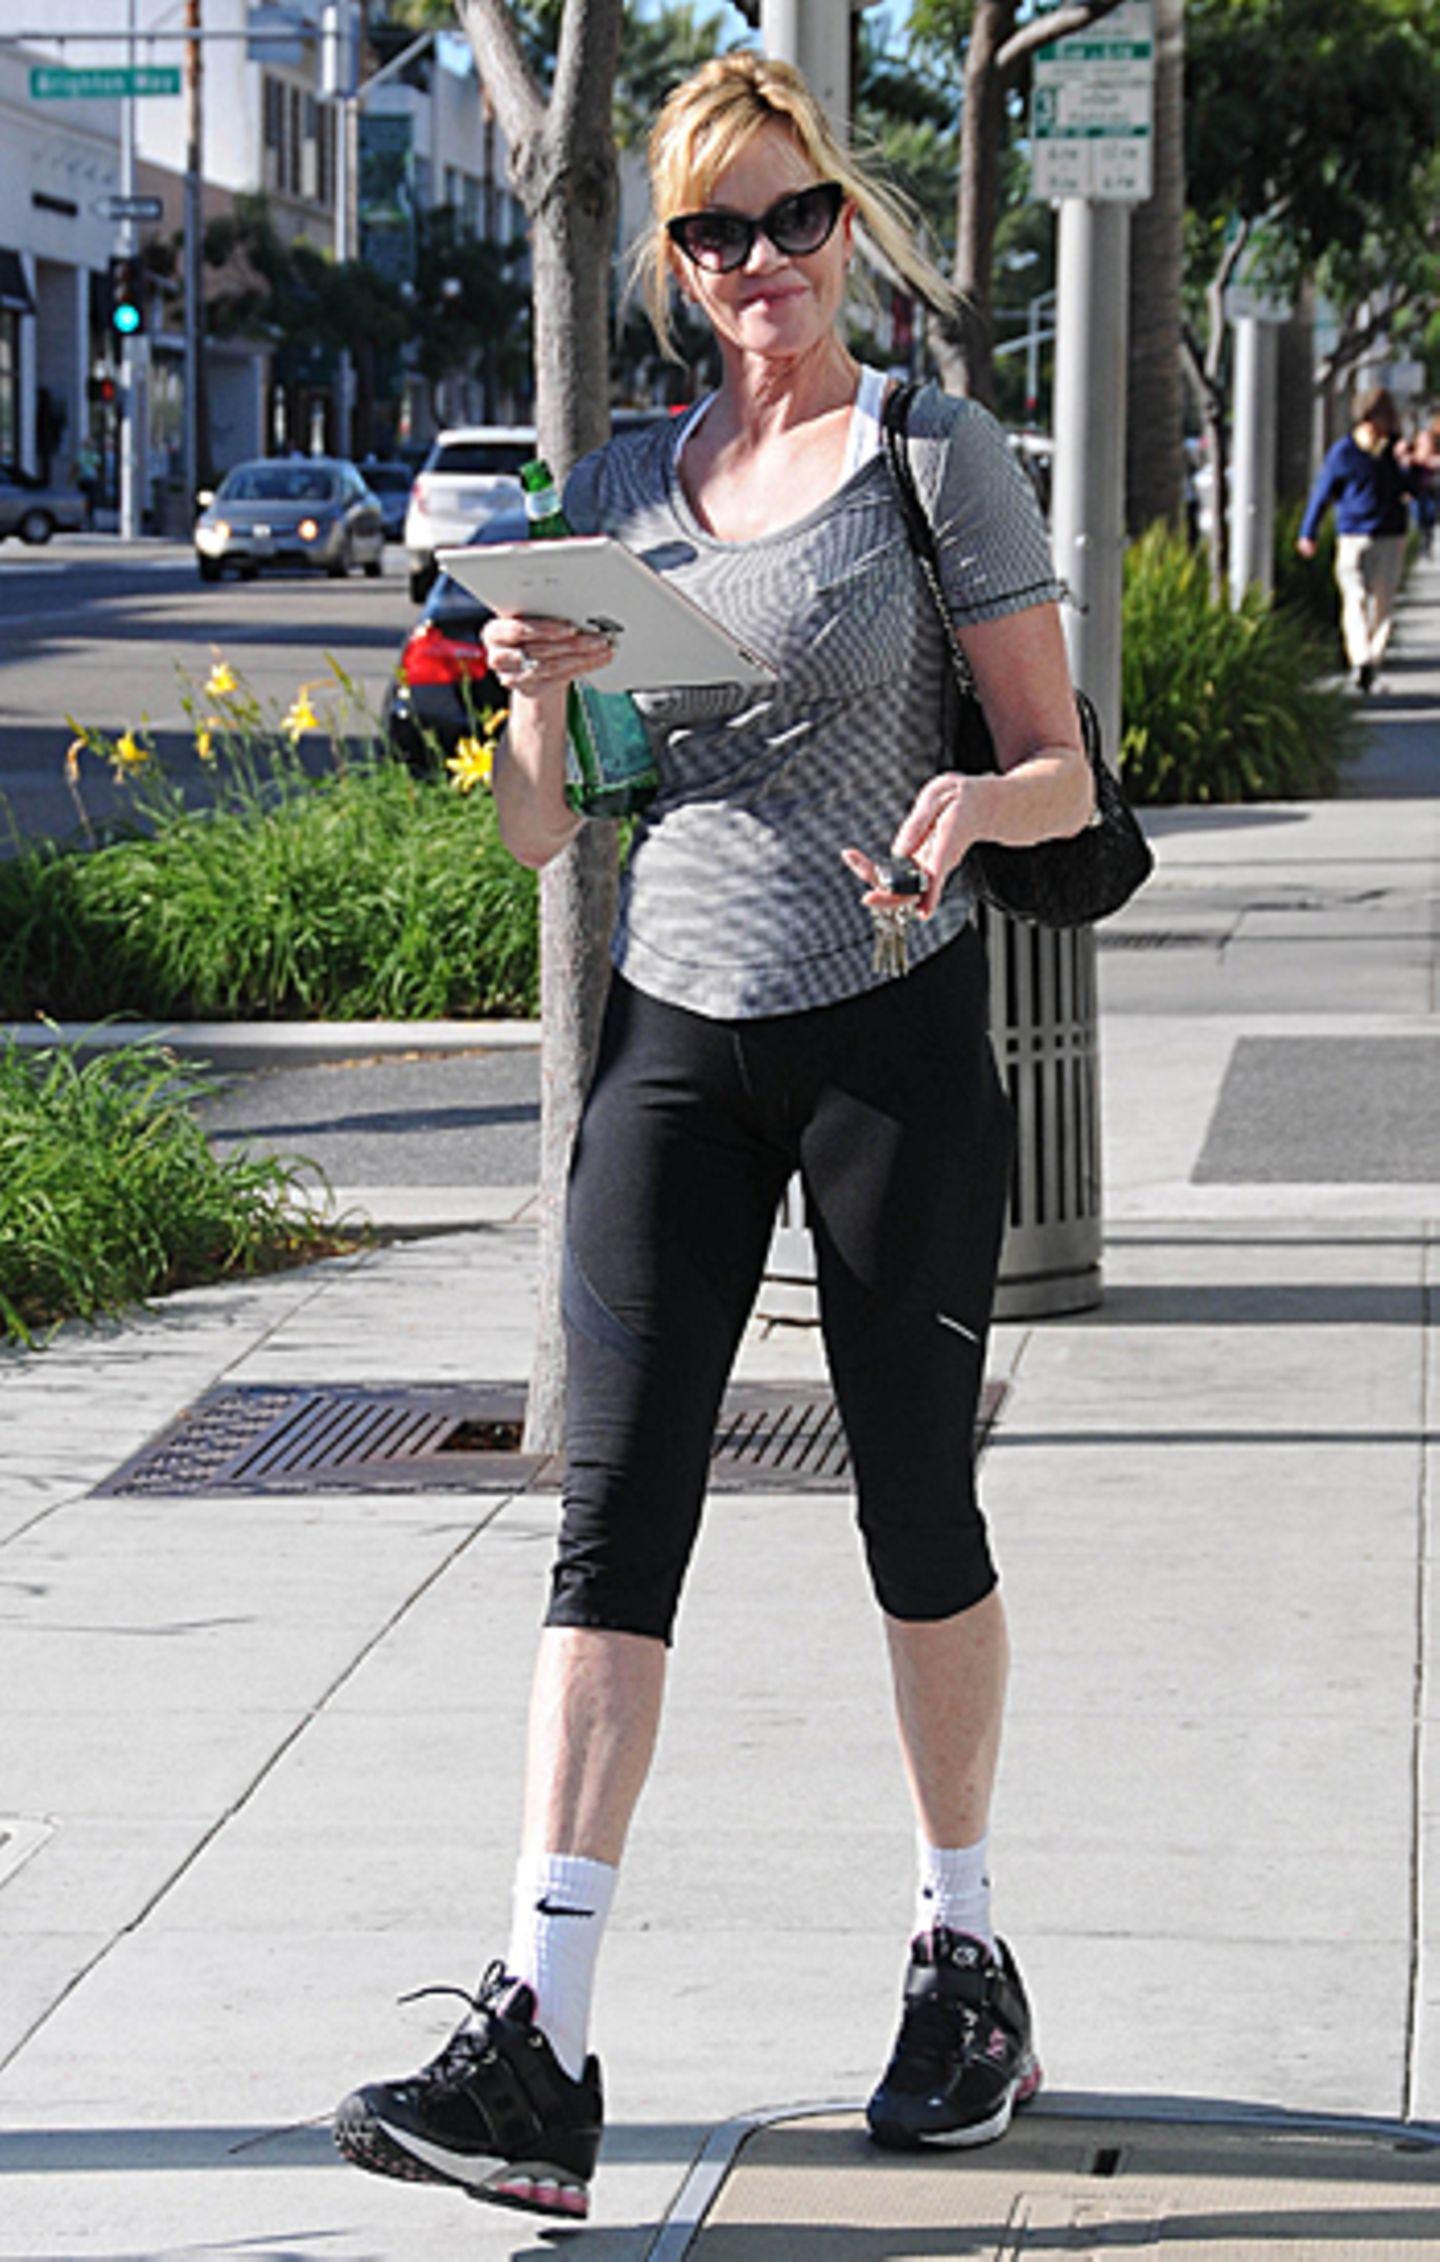 23. Oktober 2012: Sportlich und mobil unterwegs: Melanie Griffith spaziert in Trainingsklamotten und mit Ipad in der Hand durch